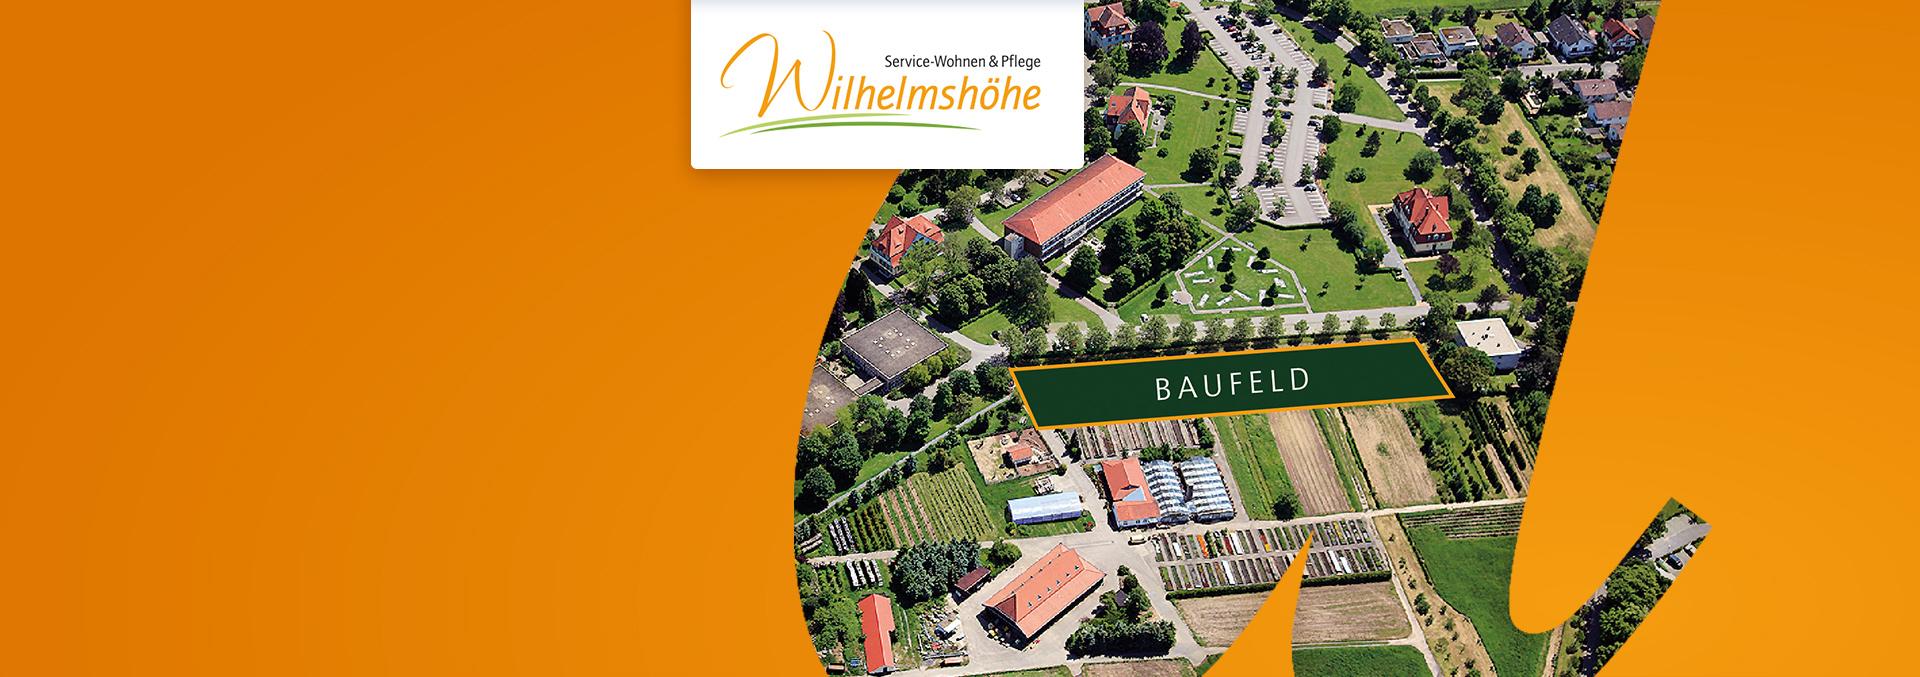 Luftbild auf das Baufeld für das Fachpflegezentrum Wiesloch Wilhelmshöhe